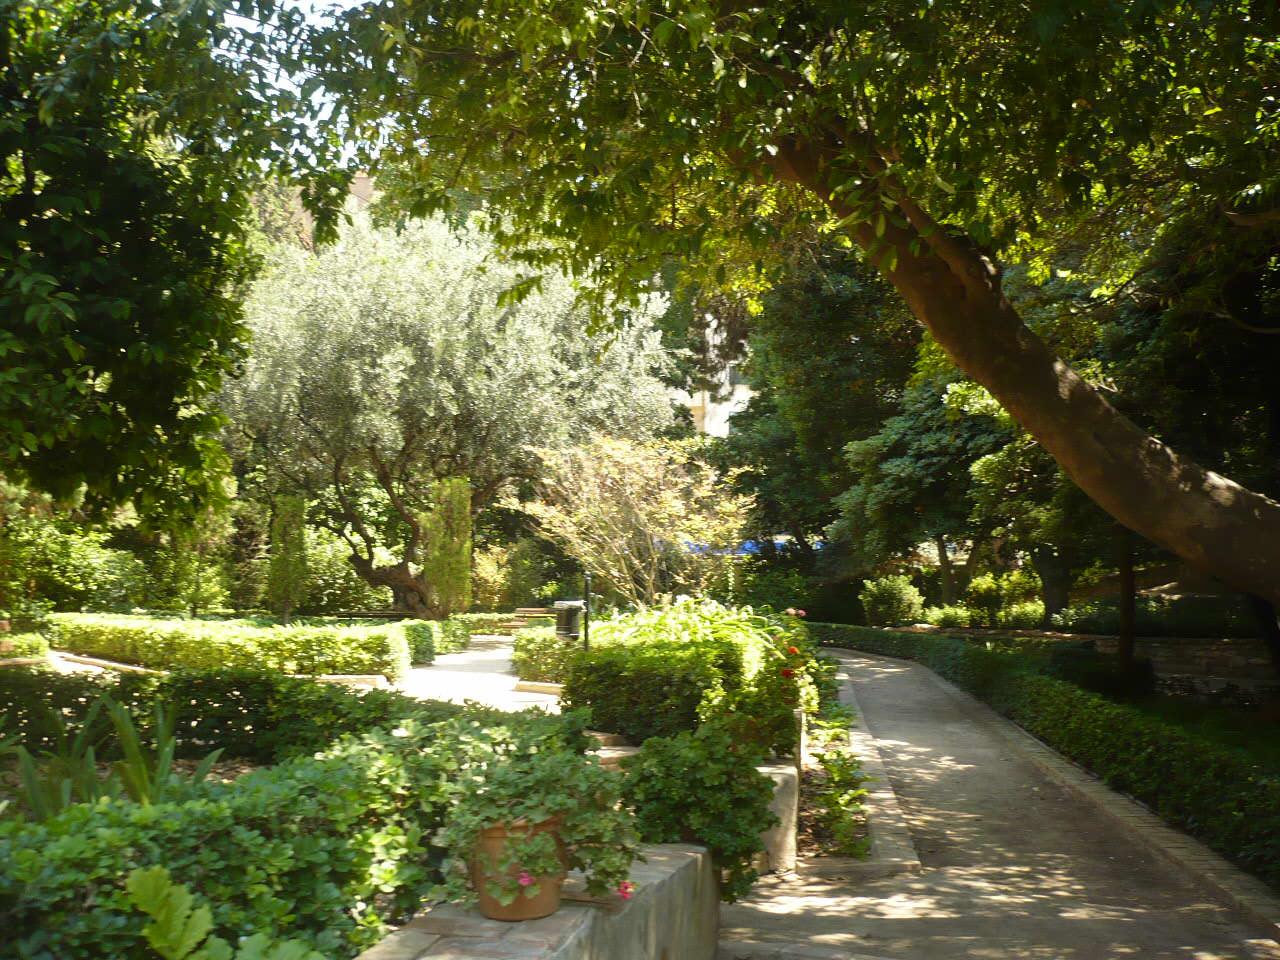 Jardines de Monforte - Lista Roja del Patrimonio